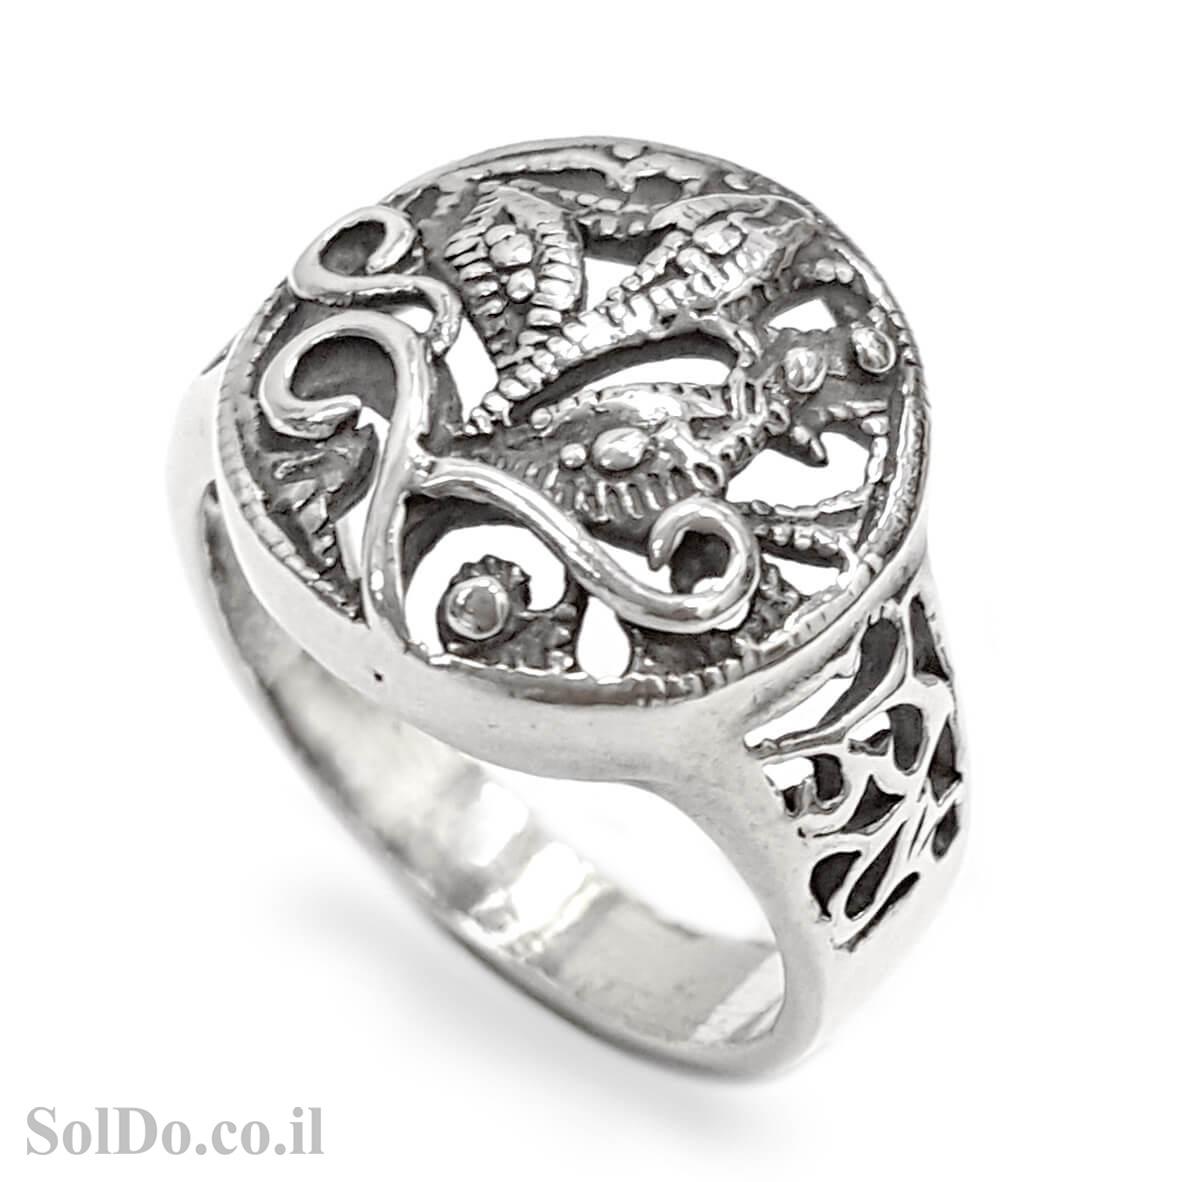 טבעת מעוצבת מכסף RG6017 | תכשיטי כסף 925 | טבעות כסף לאישה